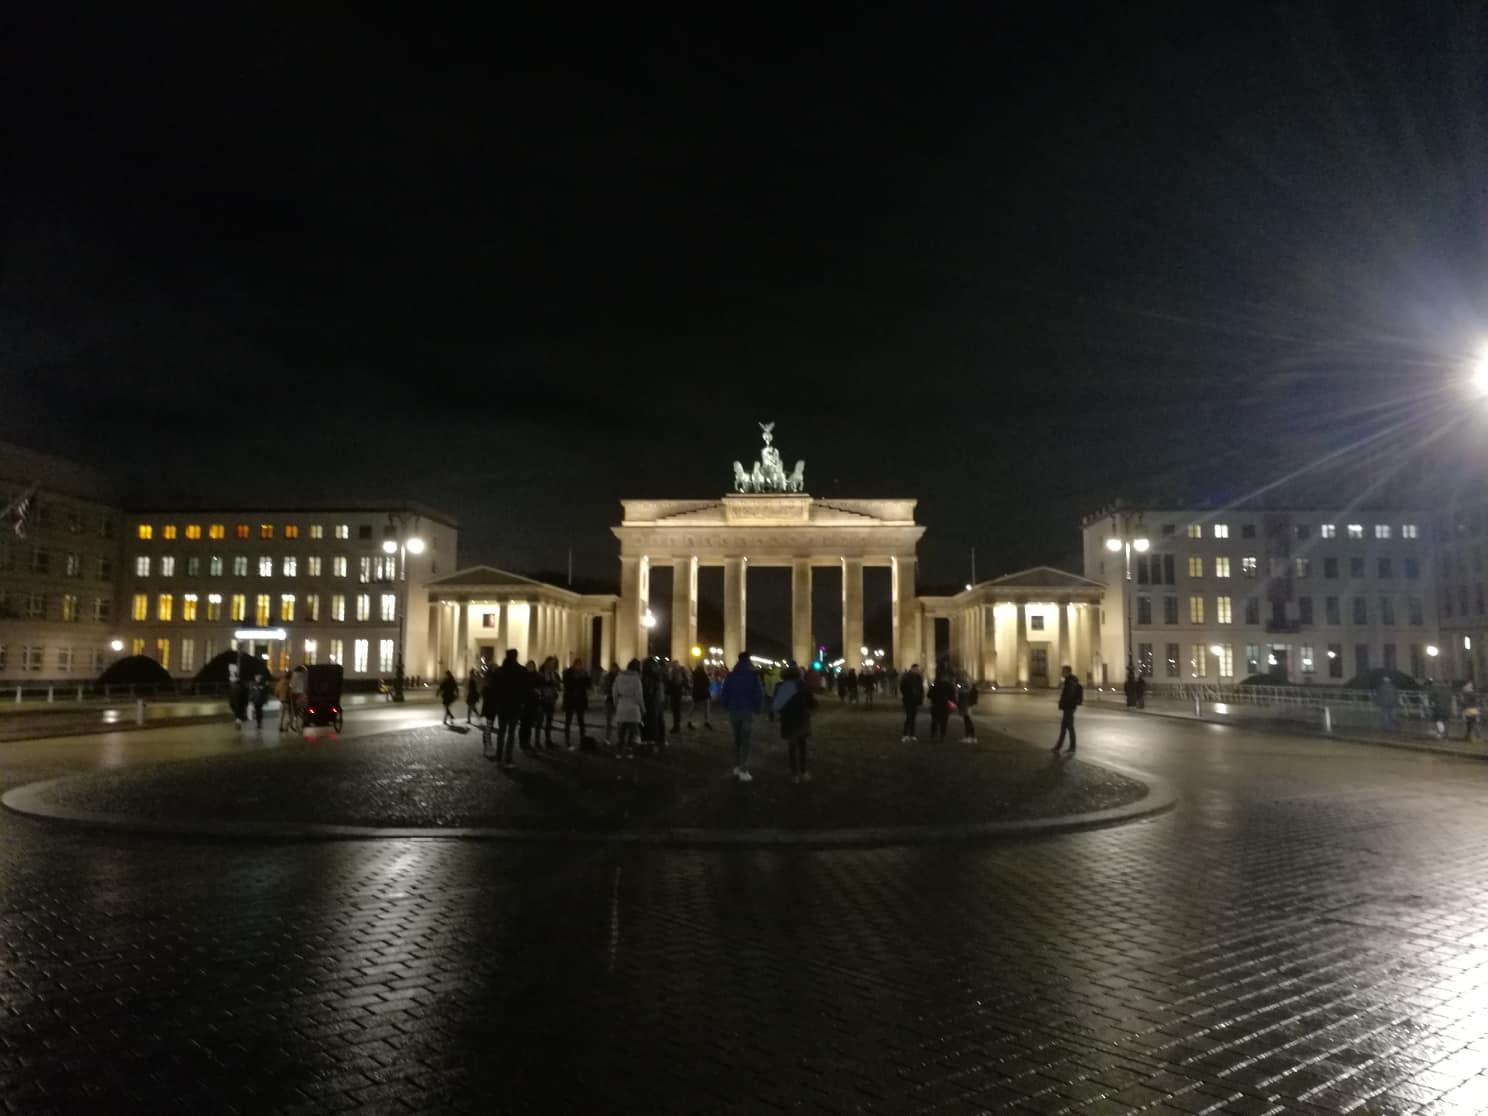 Berlino: le attrazioni a pagamento assolutamente da visitare